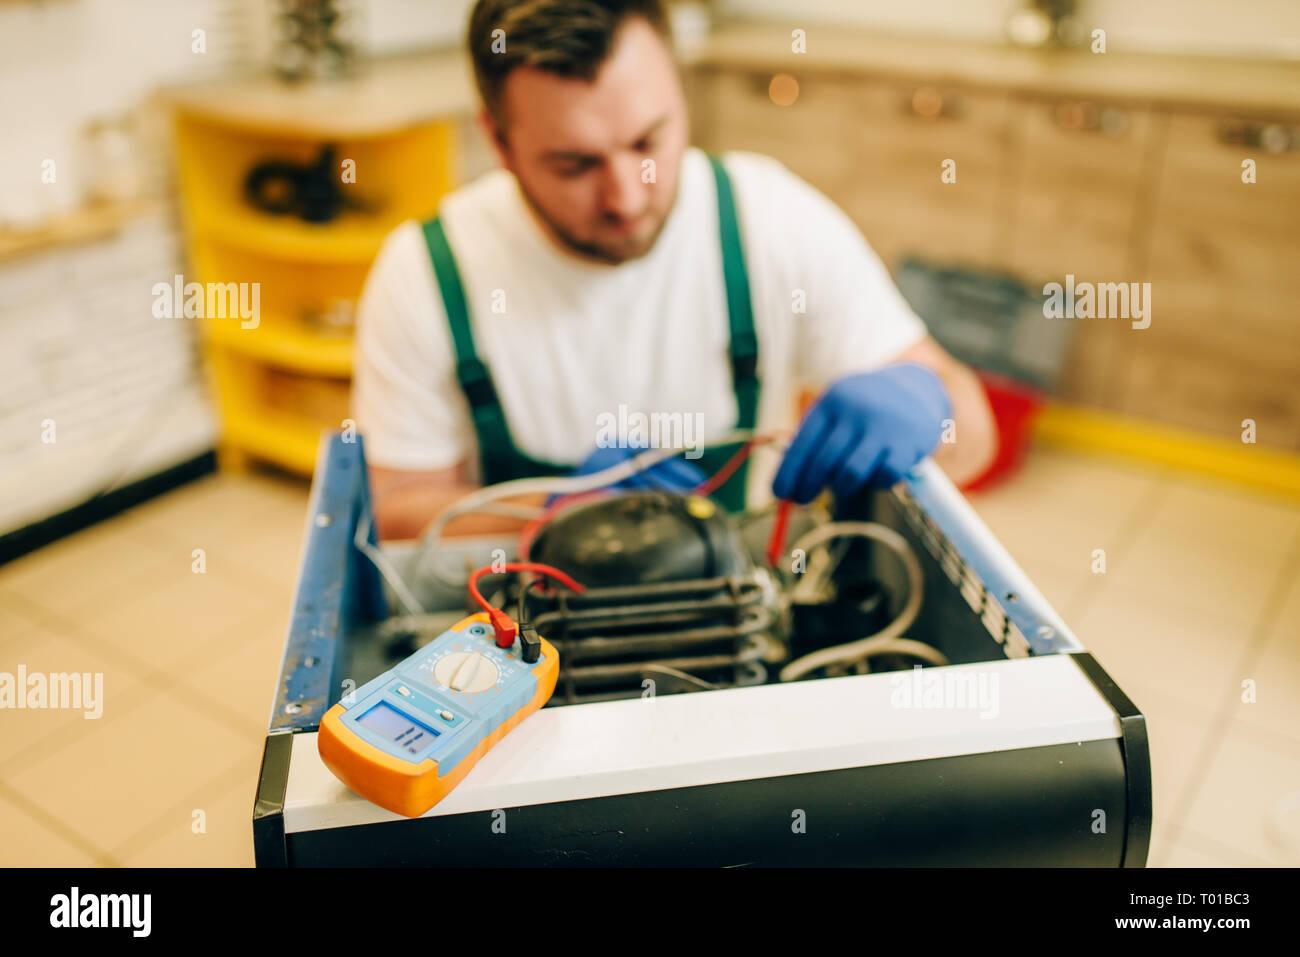 Kühlschrank Planer : Arbeiter in uniform testen kühlschrank zu hause stockfoto bild